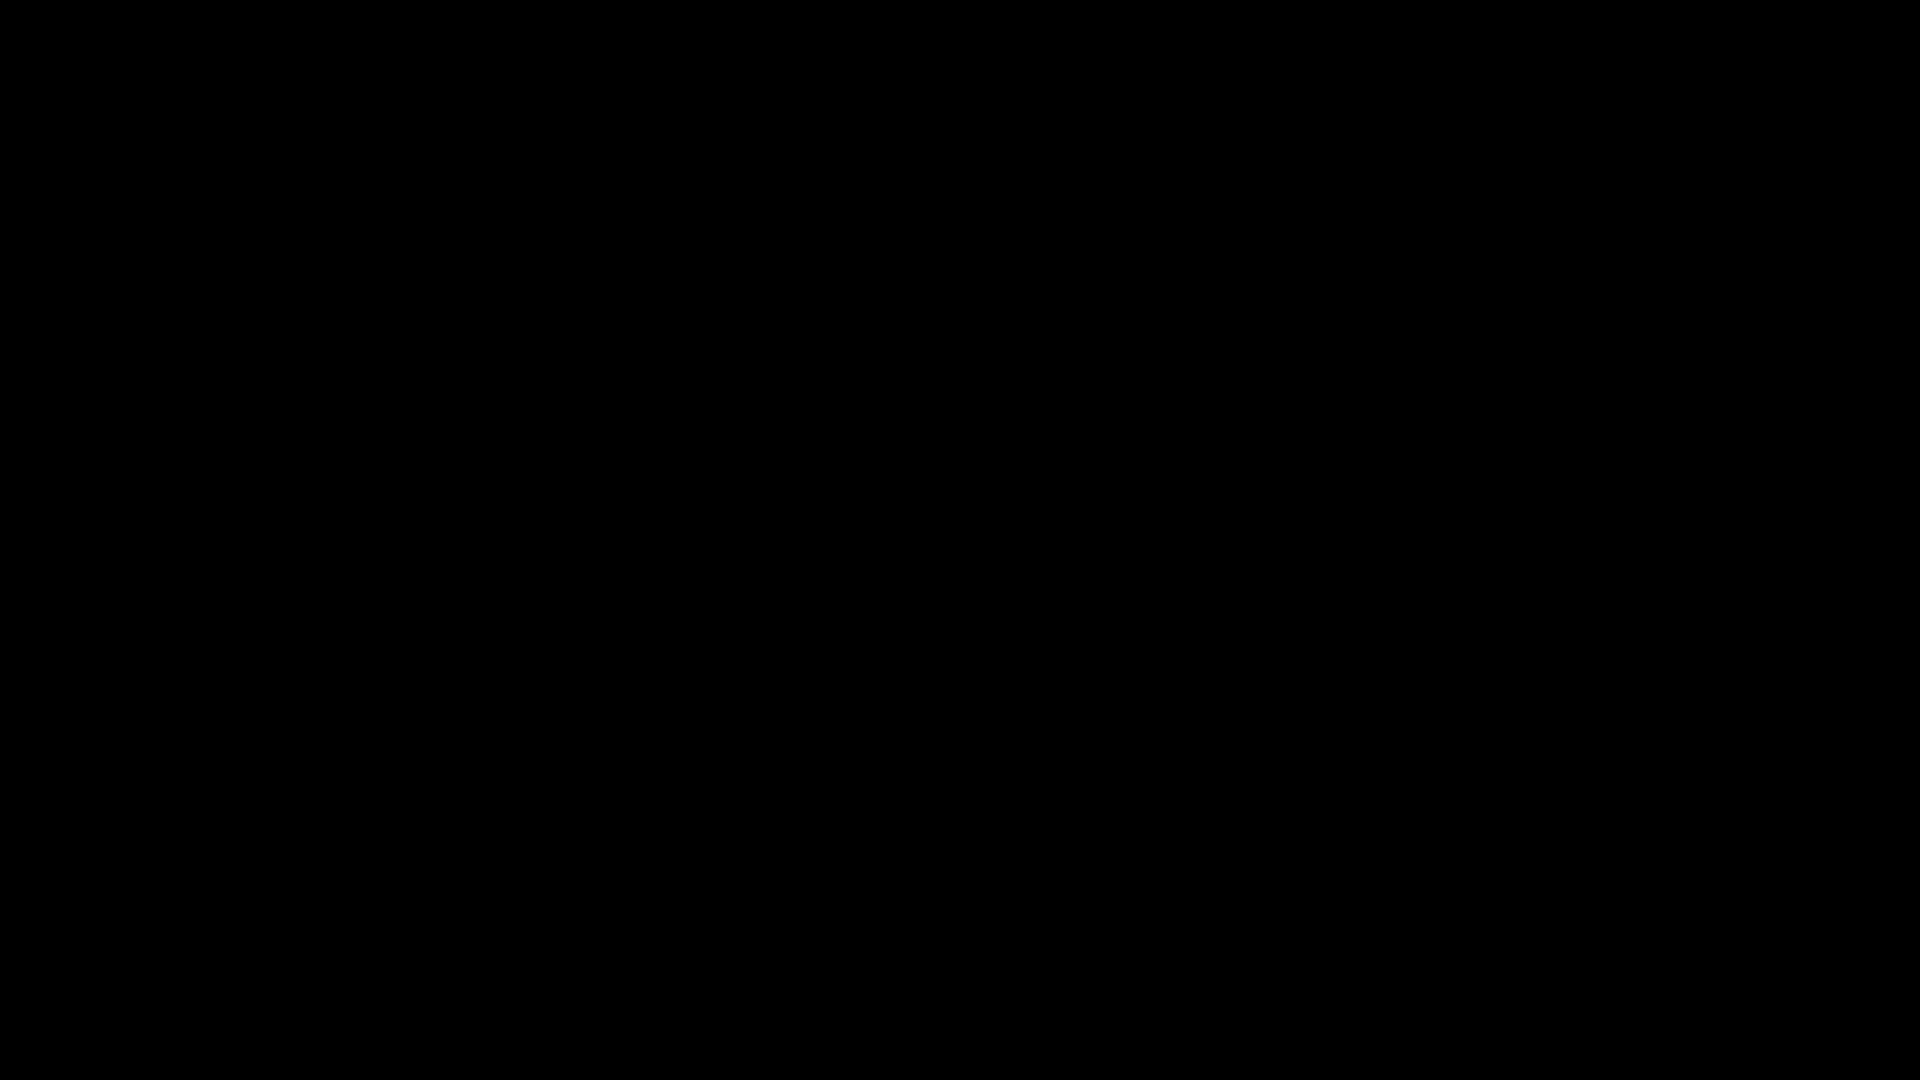 キレカワ女子大生の秘密の洗面所!Vol.045 潜入 すけべAV動画紹介 50連発 12